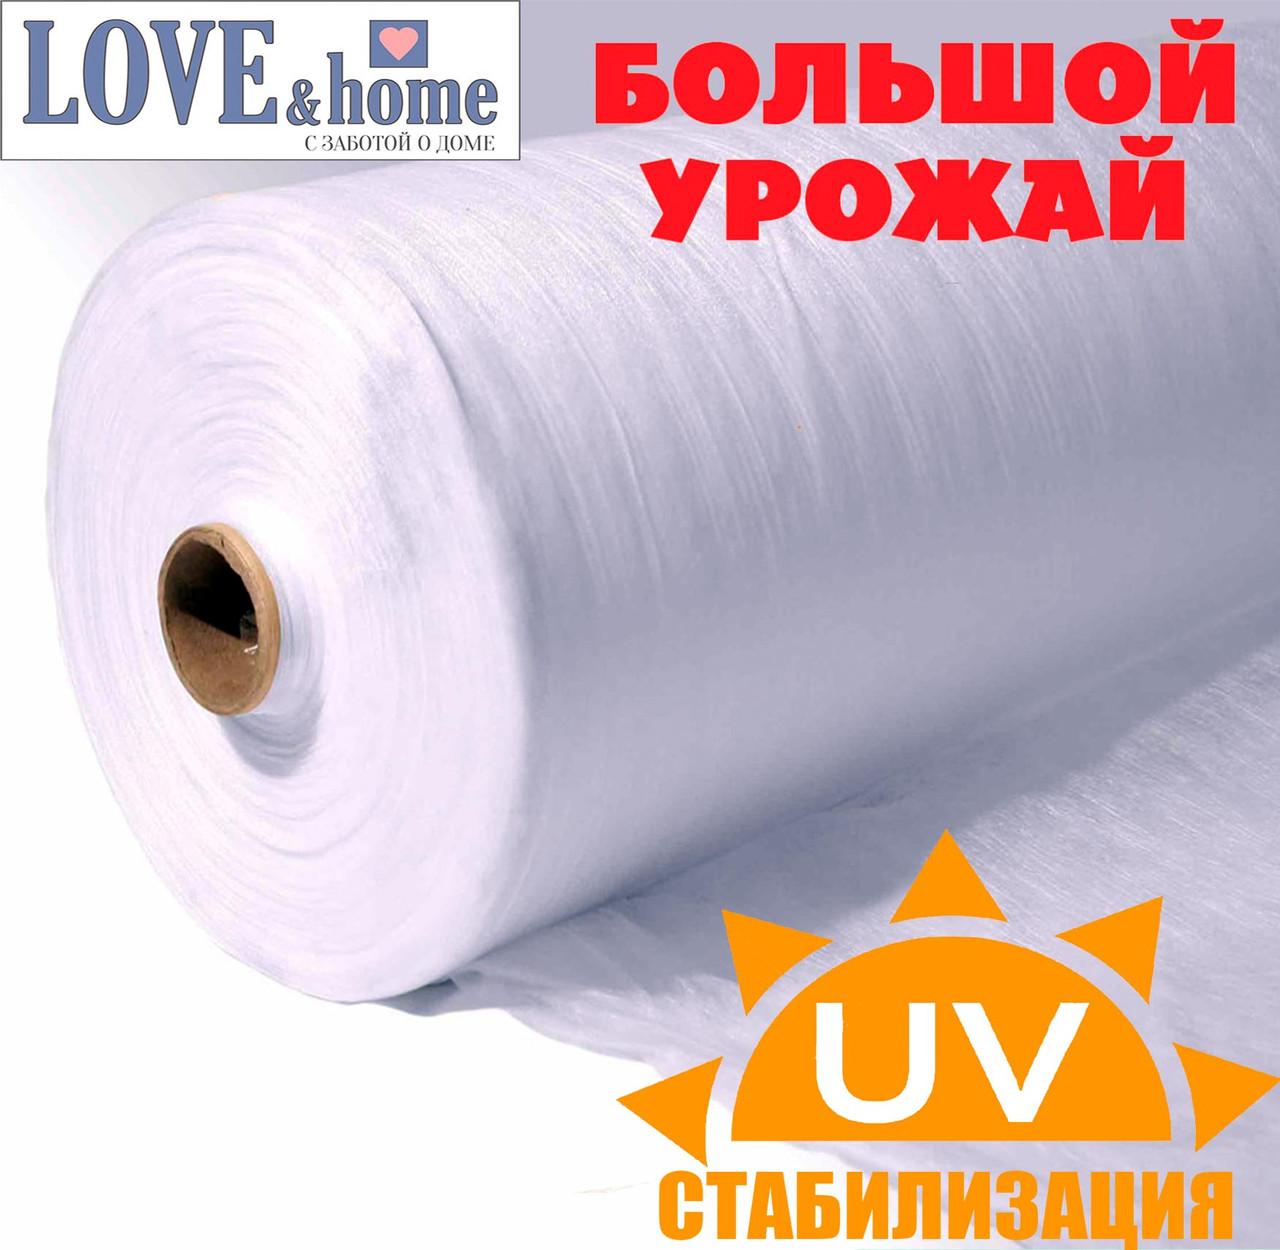 Агроволокно біле, щільність 23г/м2. ширина 8.5 м. довжина 100м.